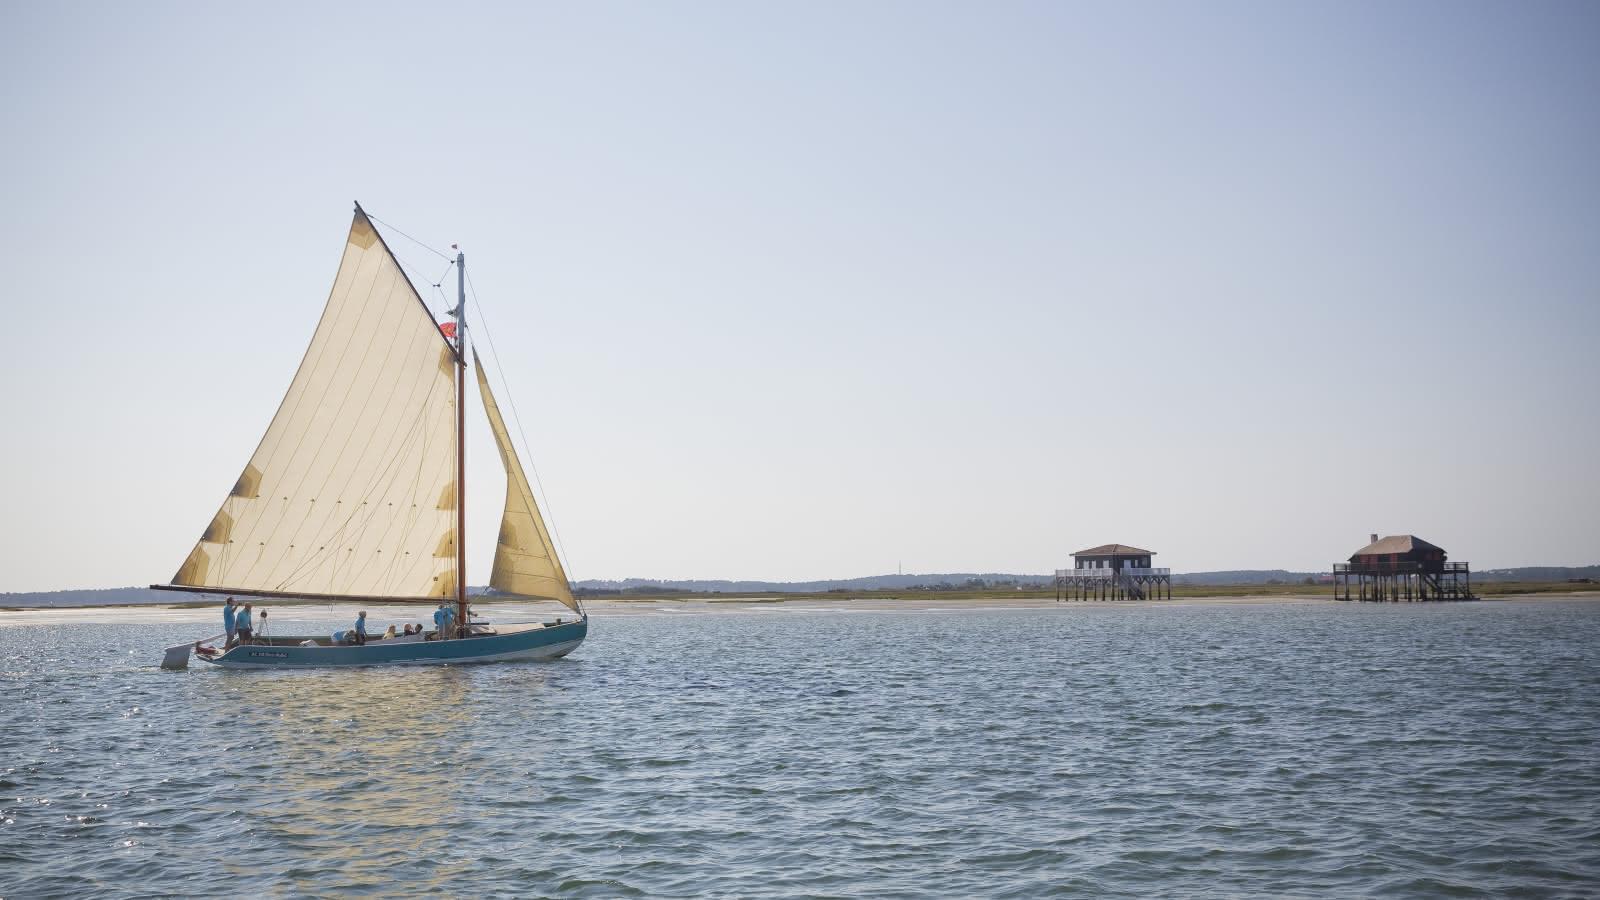 Balade en bateau pour voir les Cabanes Tchanquées - S. Cottereau